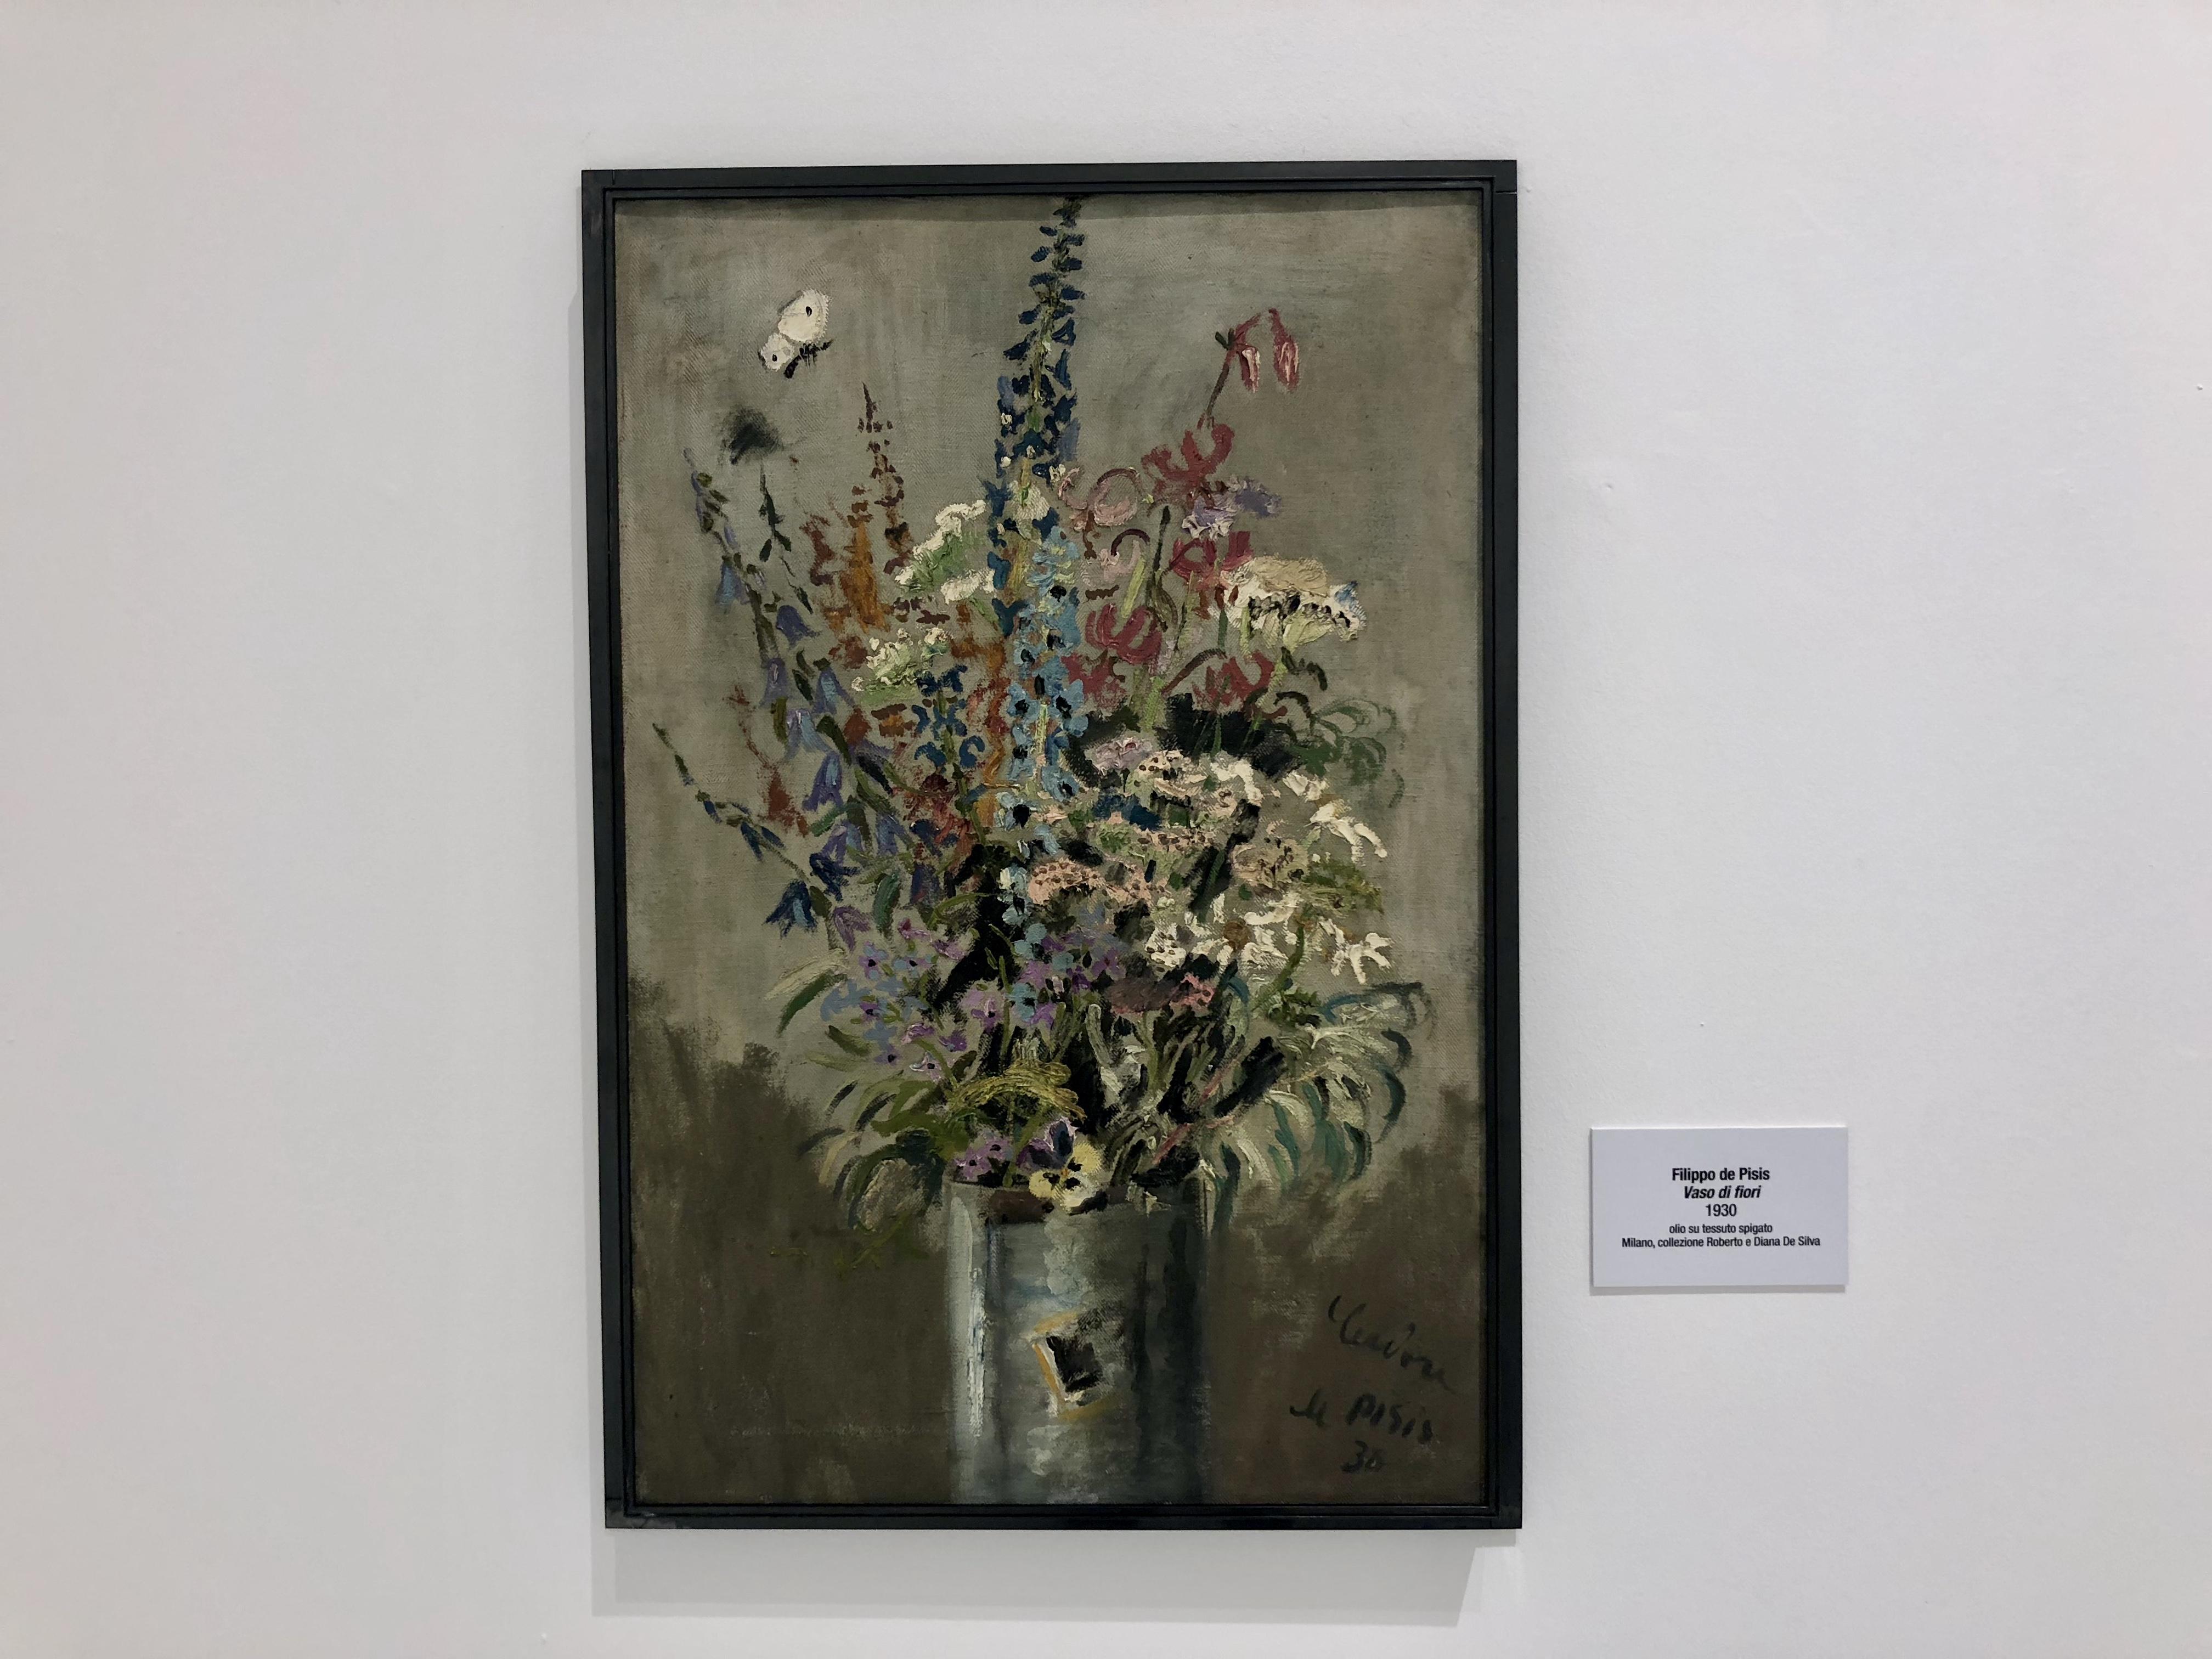 TalentiEventi_Filippo_De_Pisis_Eclettico_connoisseur_fra pittura_ musica_e_poesia_Museo_Ettore_Fico_15